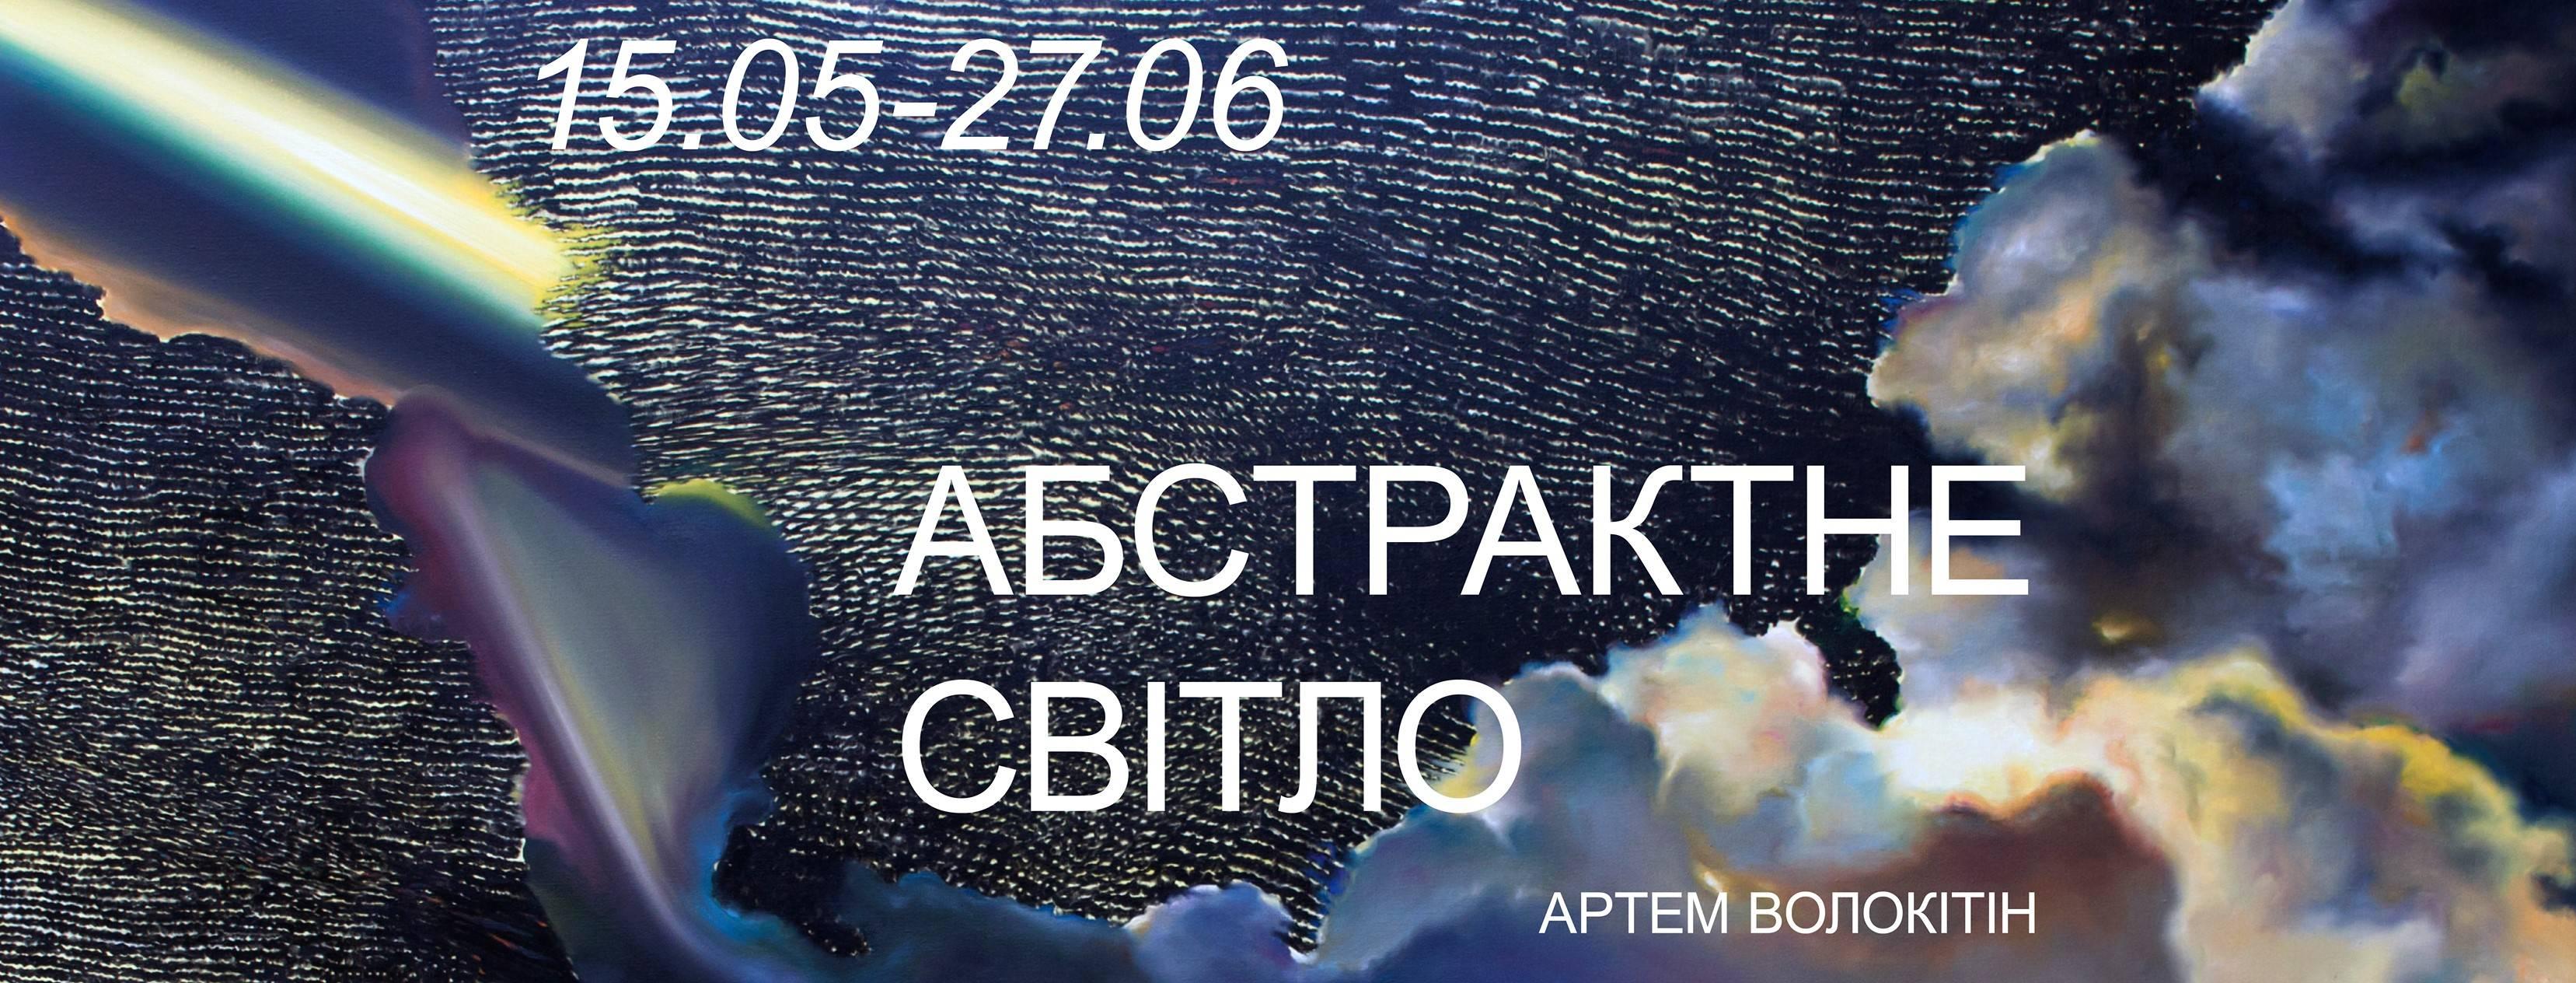 Артем Волокітін в Dymchuk Gallery